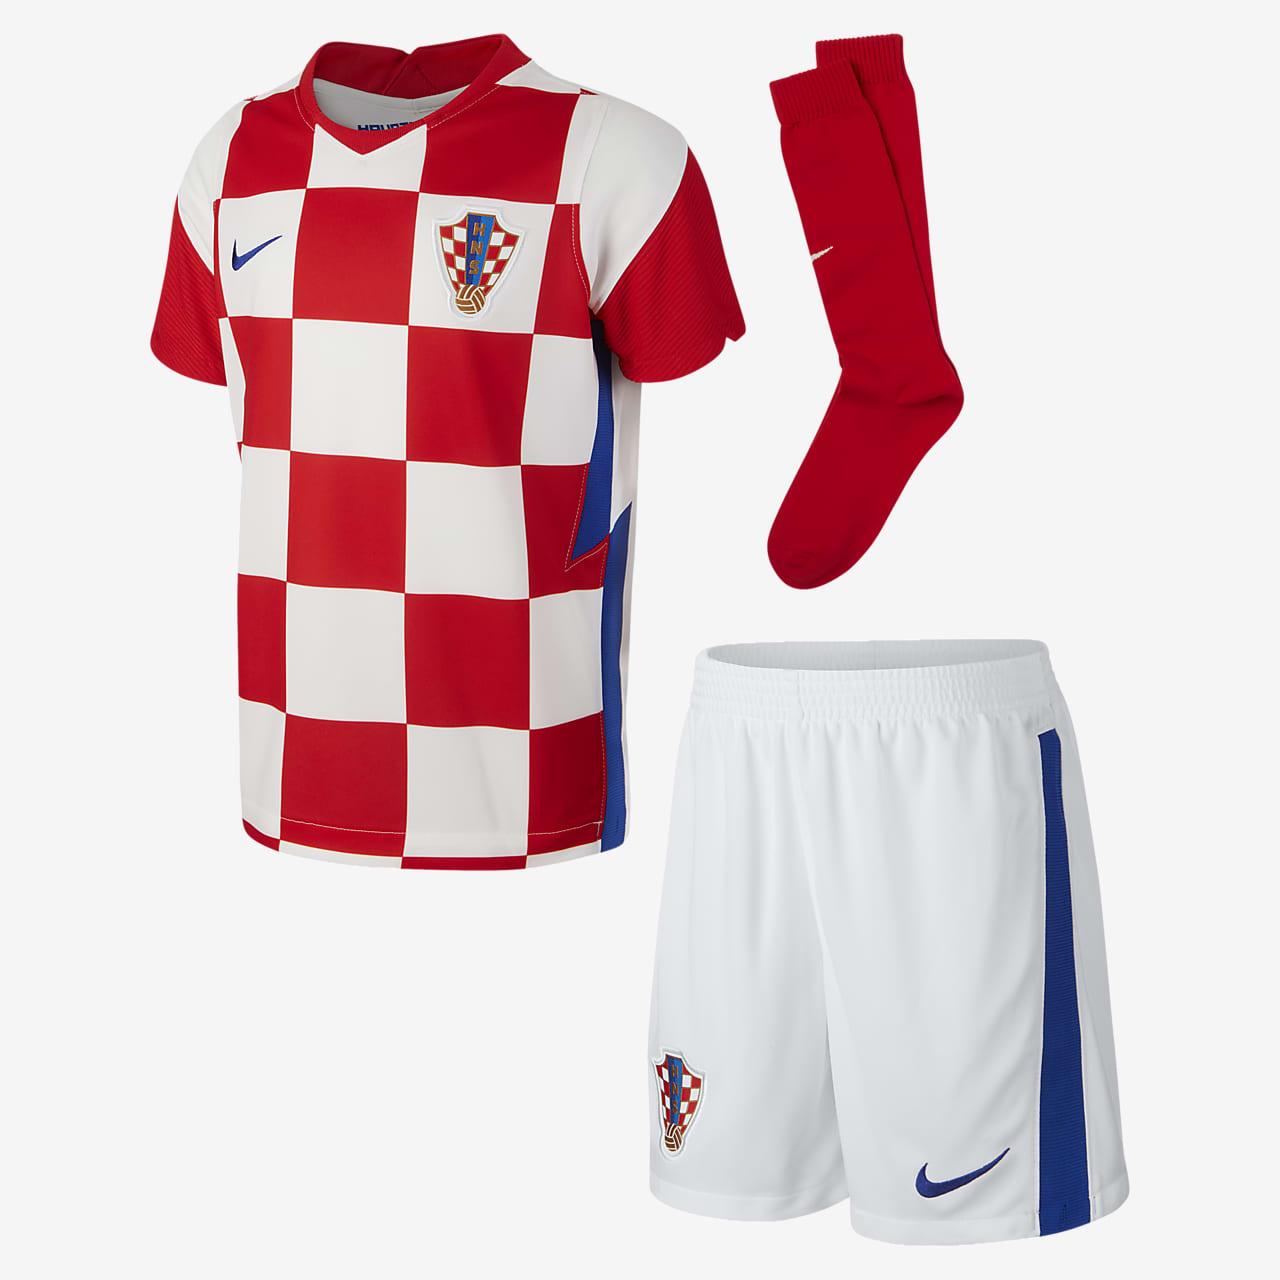 Kroatien 2020 Home Fußballtrikot-Set für jüngere Kinder